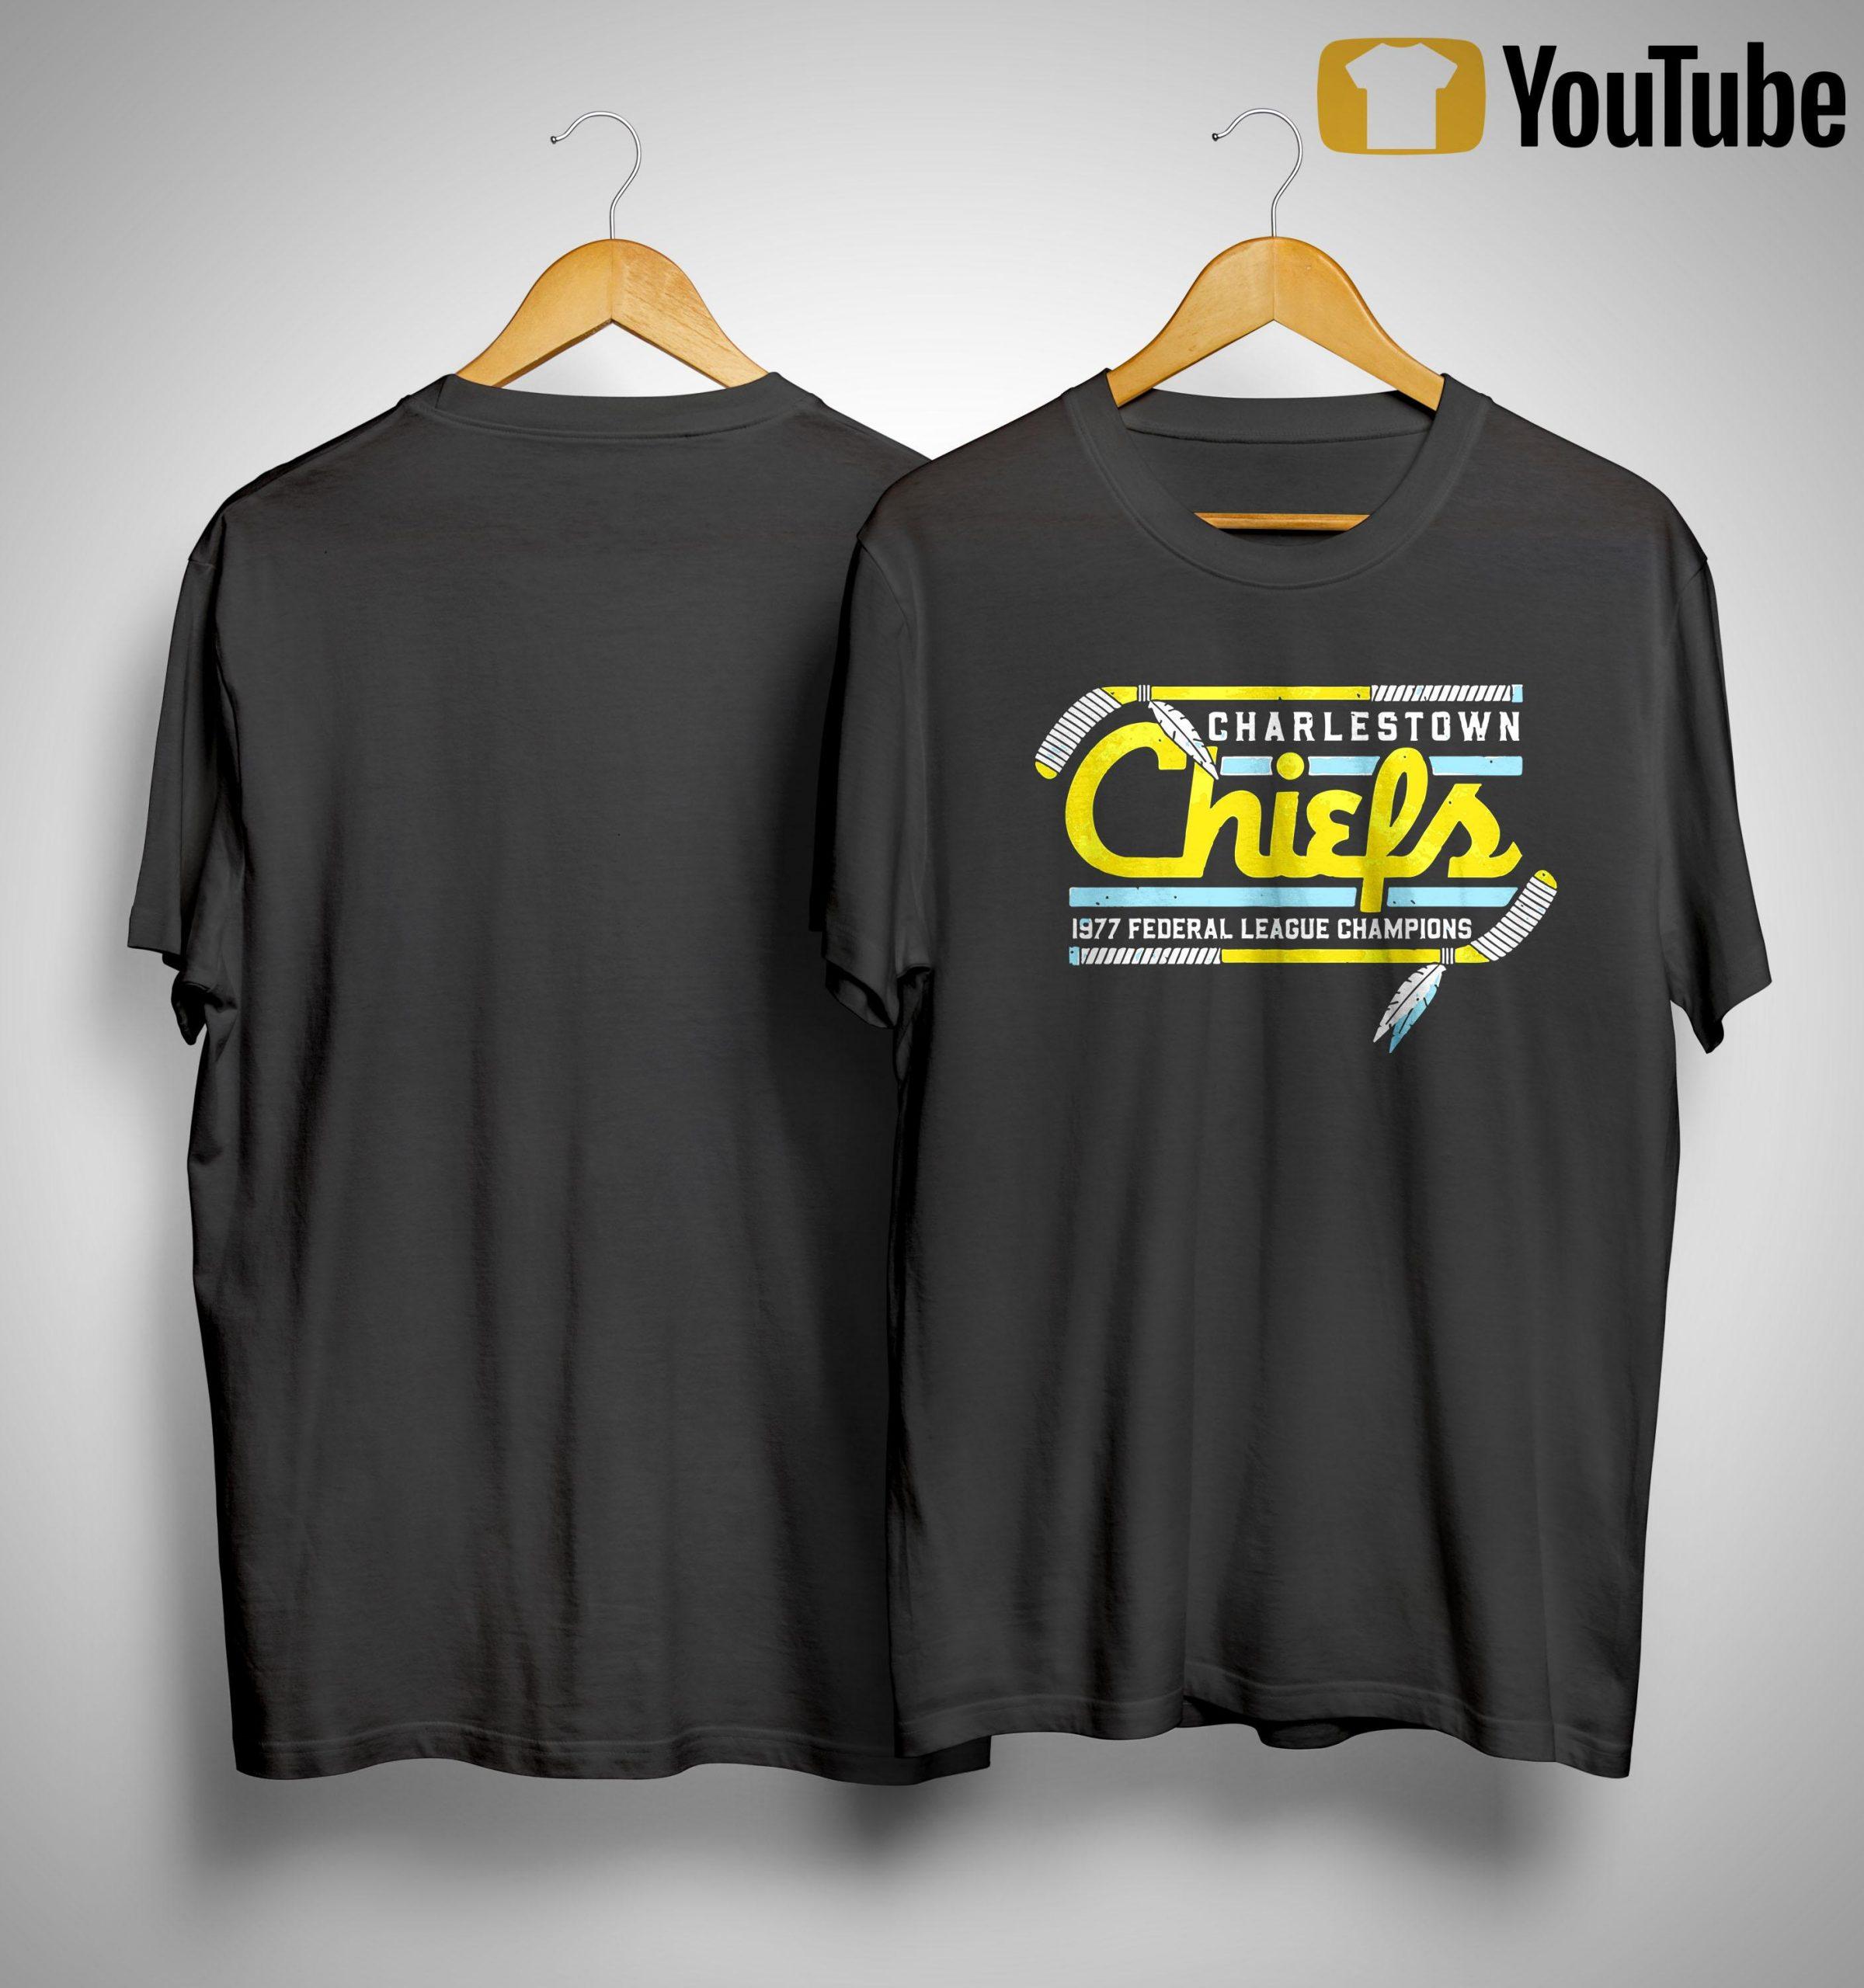 Charlestown Chiefs 1977 Federal League Champions Shirt